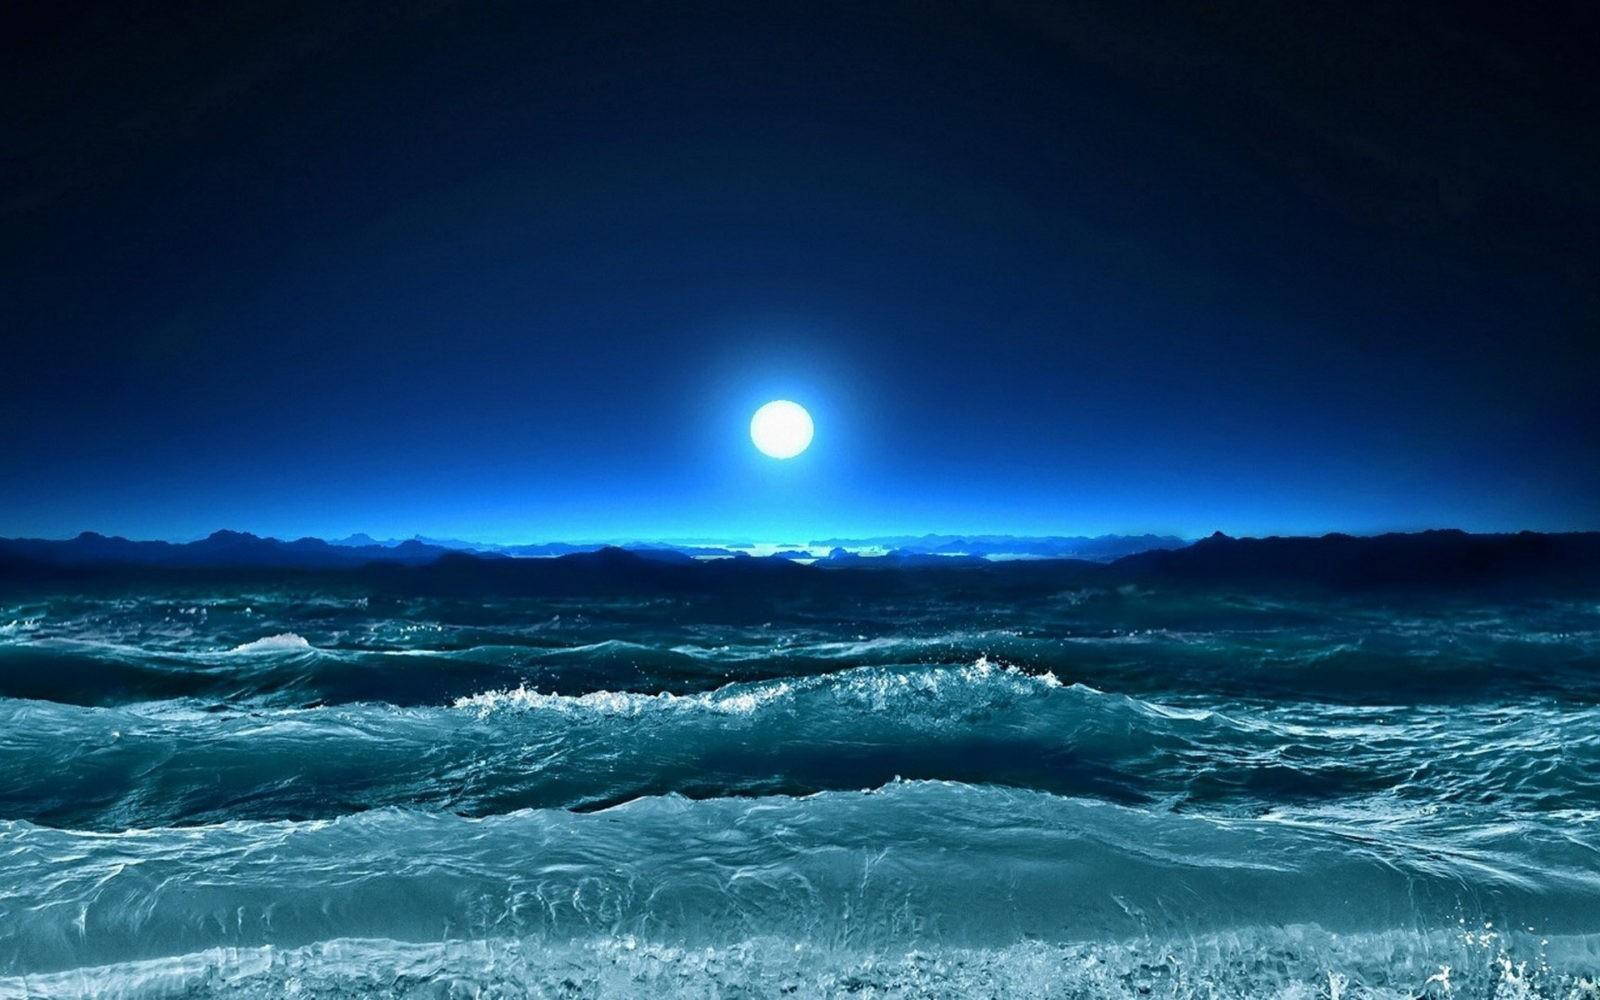 море ночное фото 2